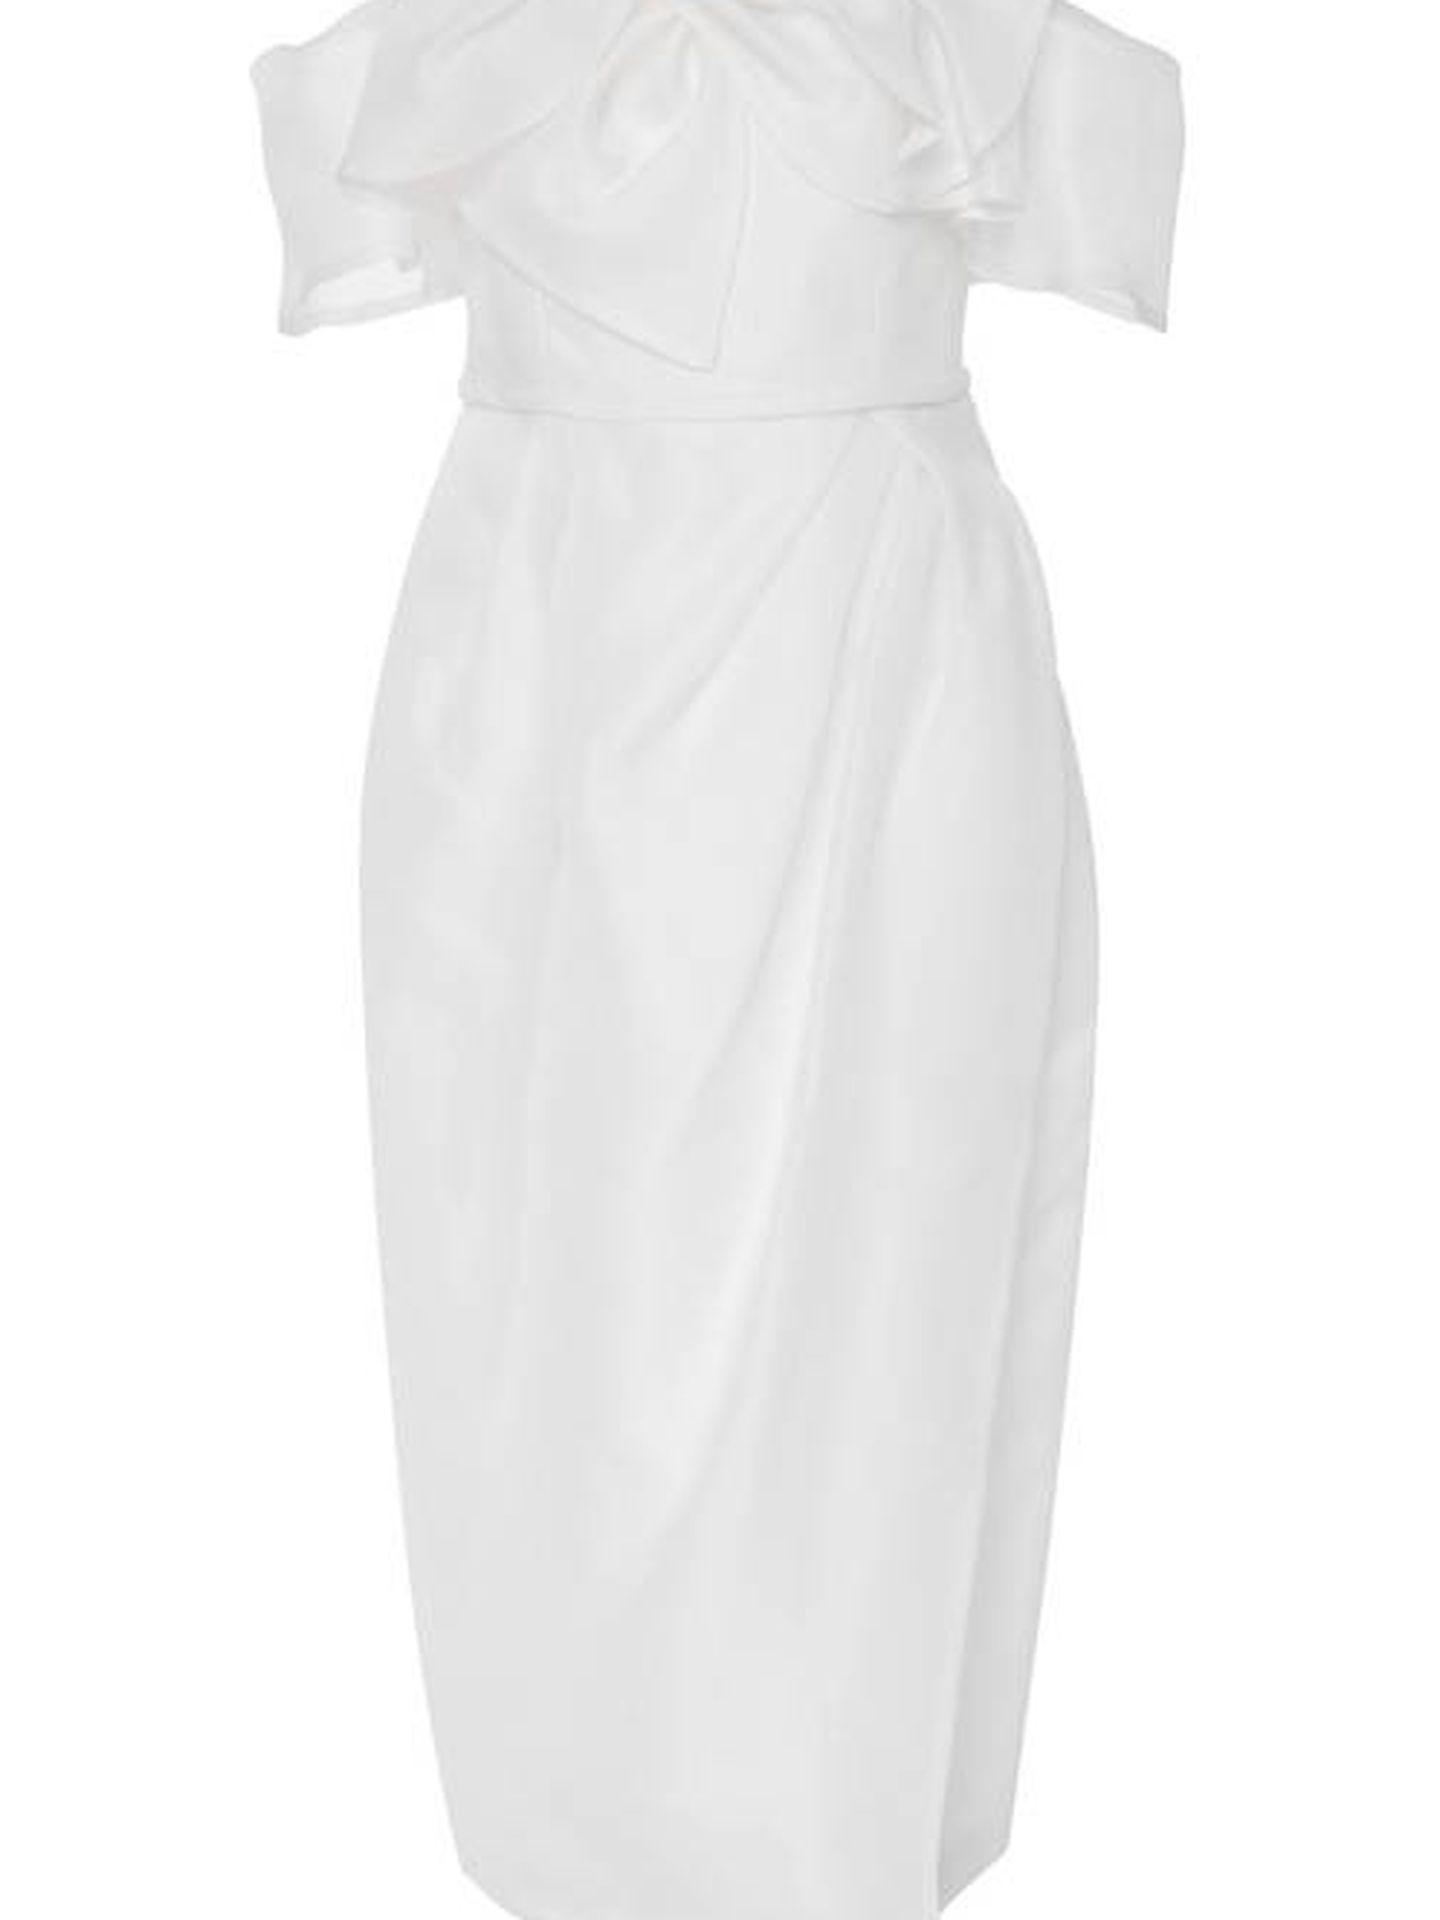 Vestido Hailey de Carolina Herrera Bridal. (Cortesía)